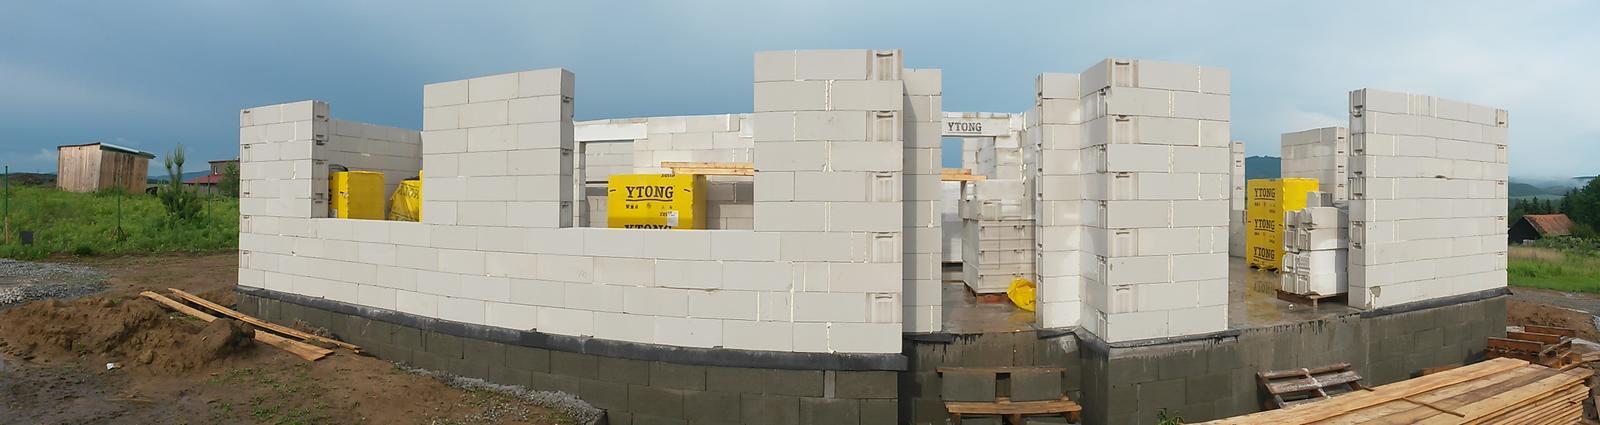 Krok za krokom... - pondelok 26. 05. 2014 - obvodové a nosné múry vytiahnuté